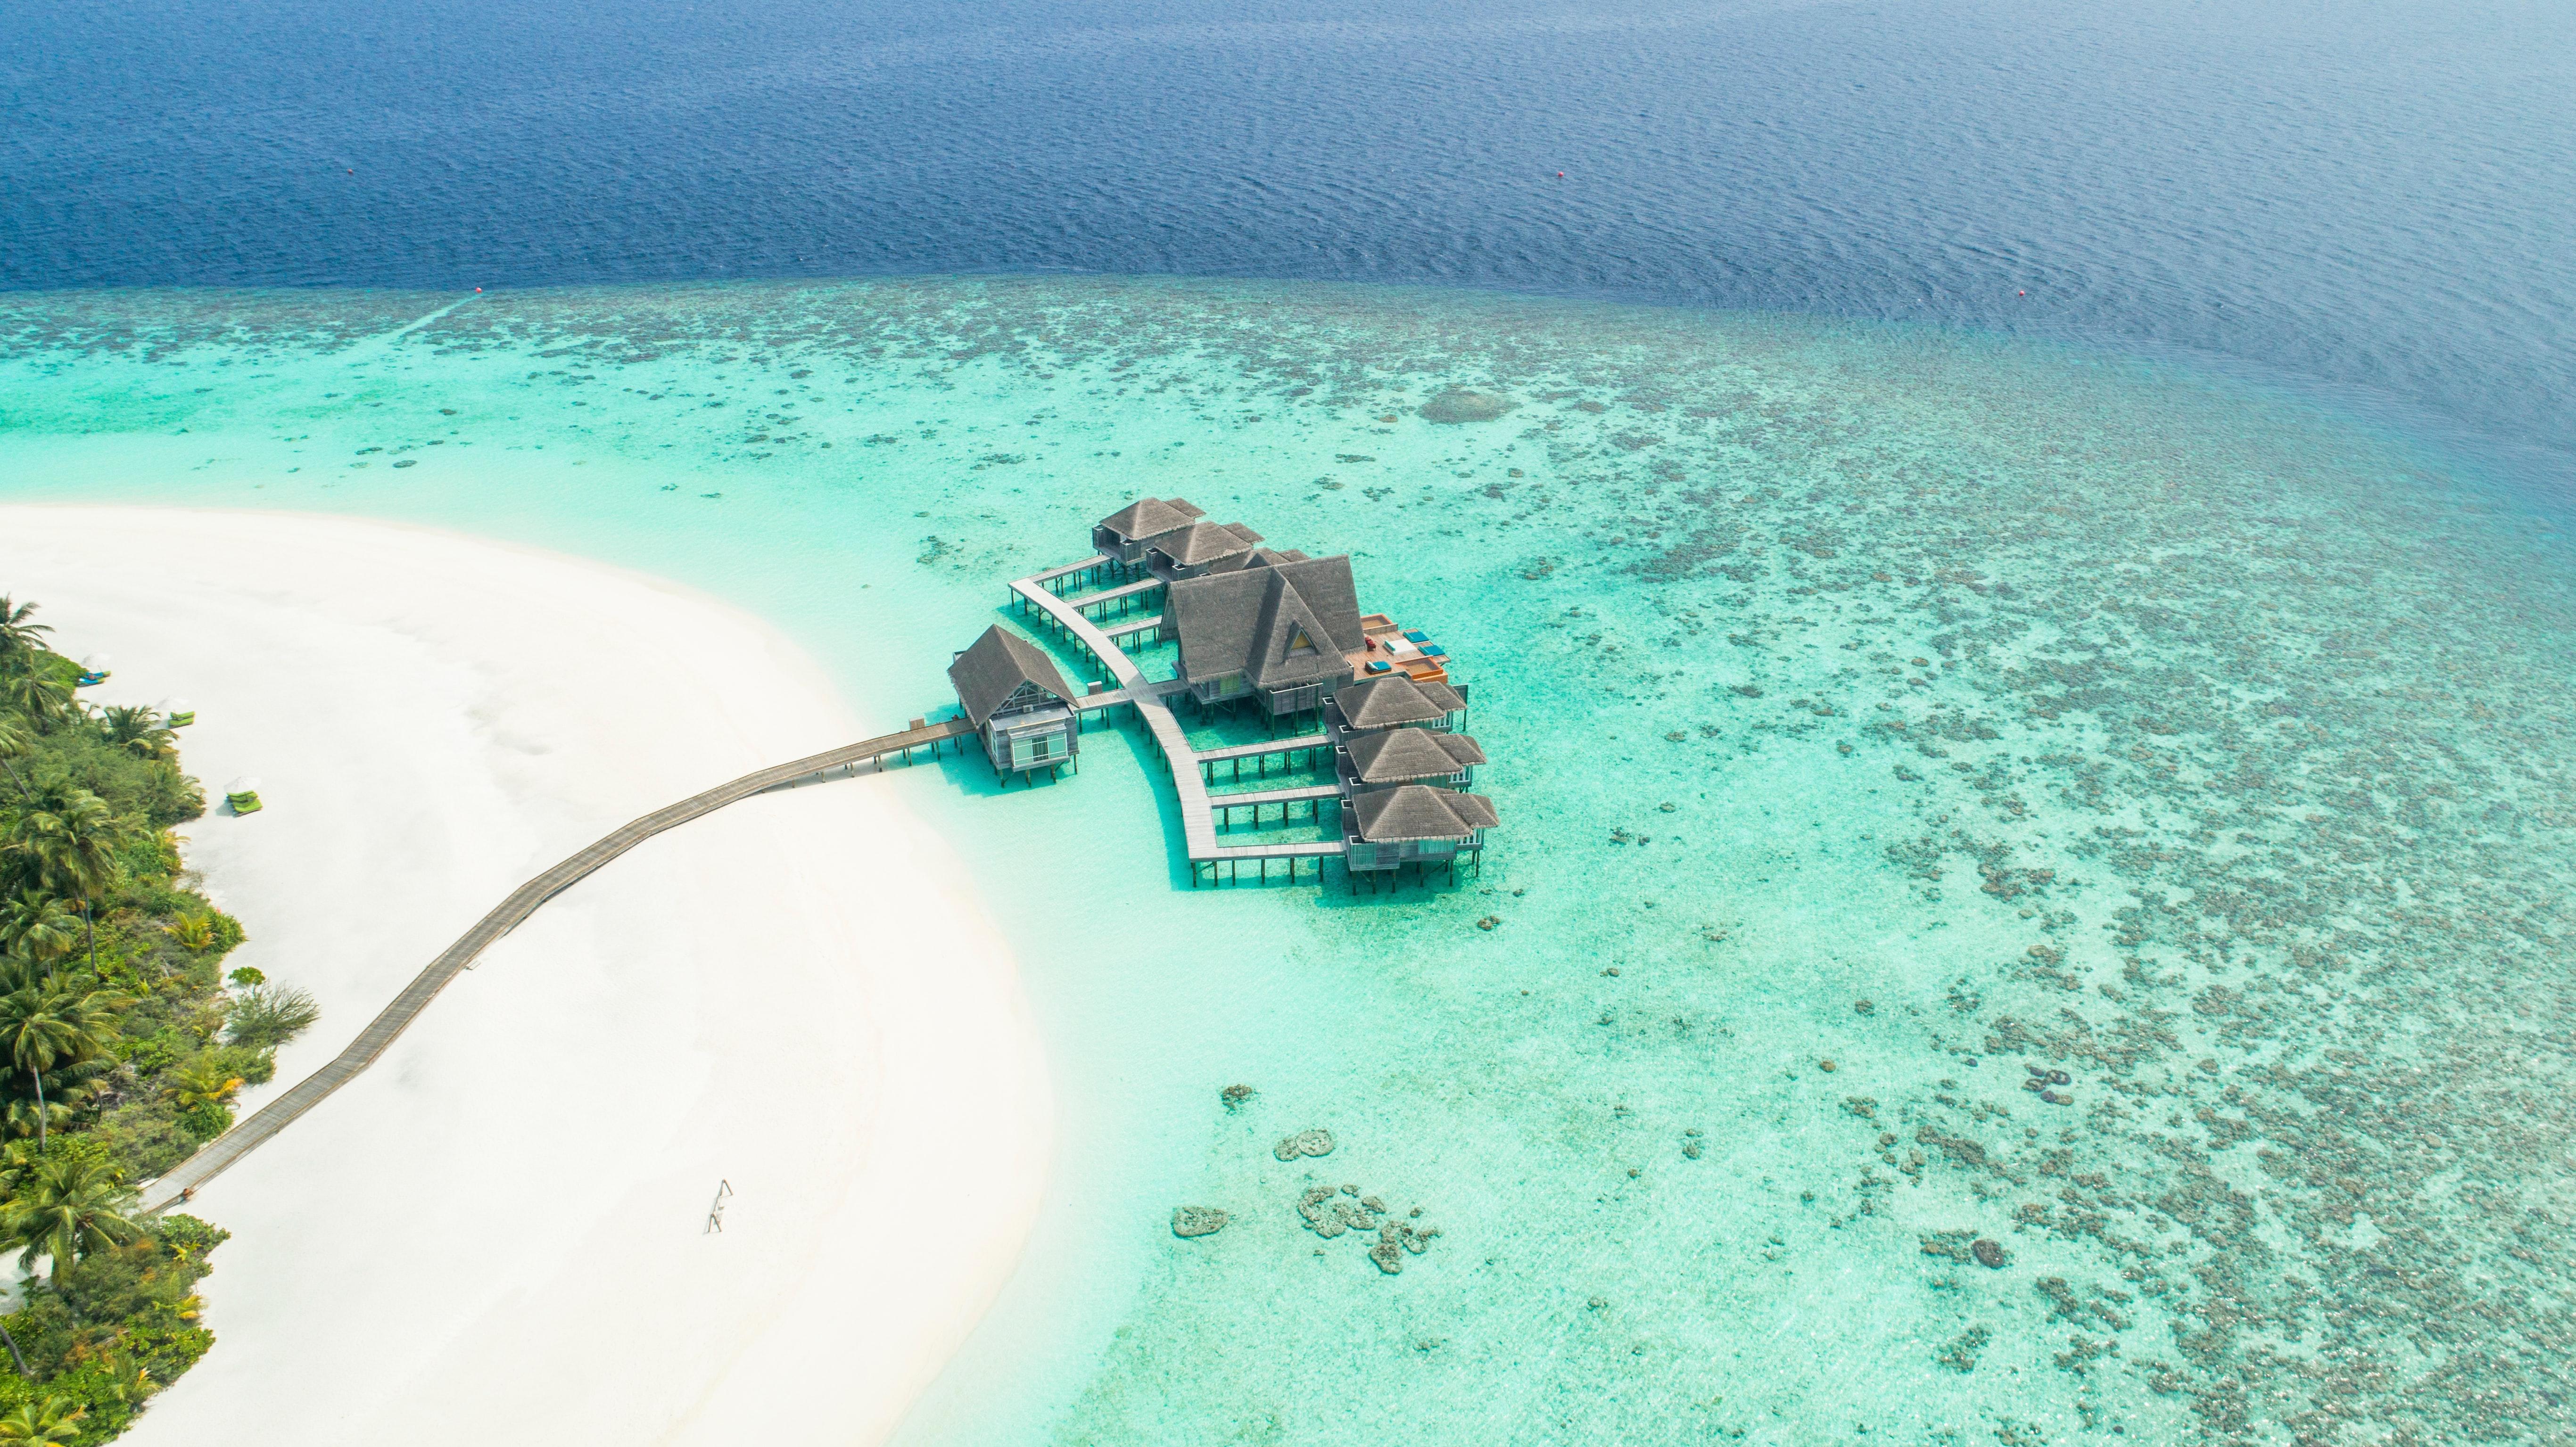 llegar a Maldivas desde Chennai